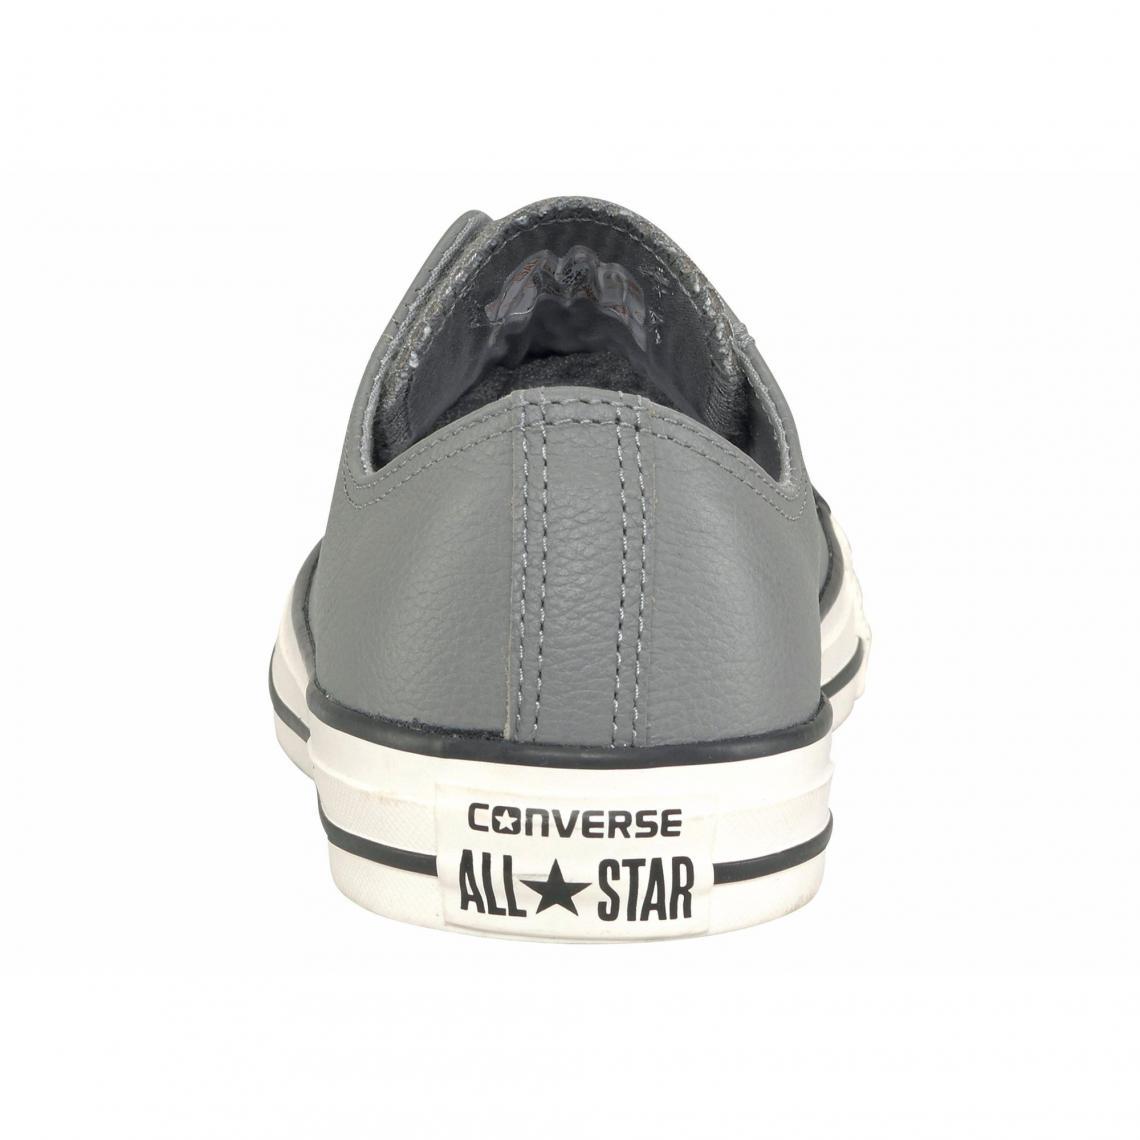 457c1da666369 Baskets Converse Cliquez l image pour l agrandir. Sneakers Chuck Taylor All  Star Ox M homme CONVERSE - Gris Converse